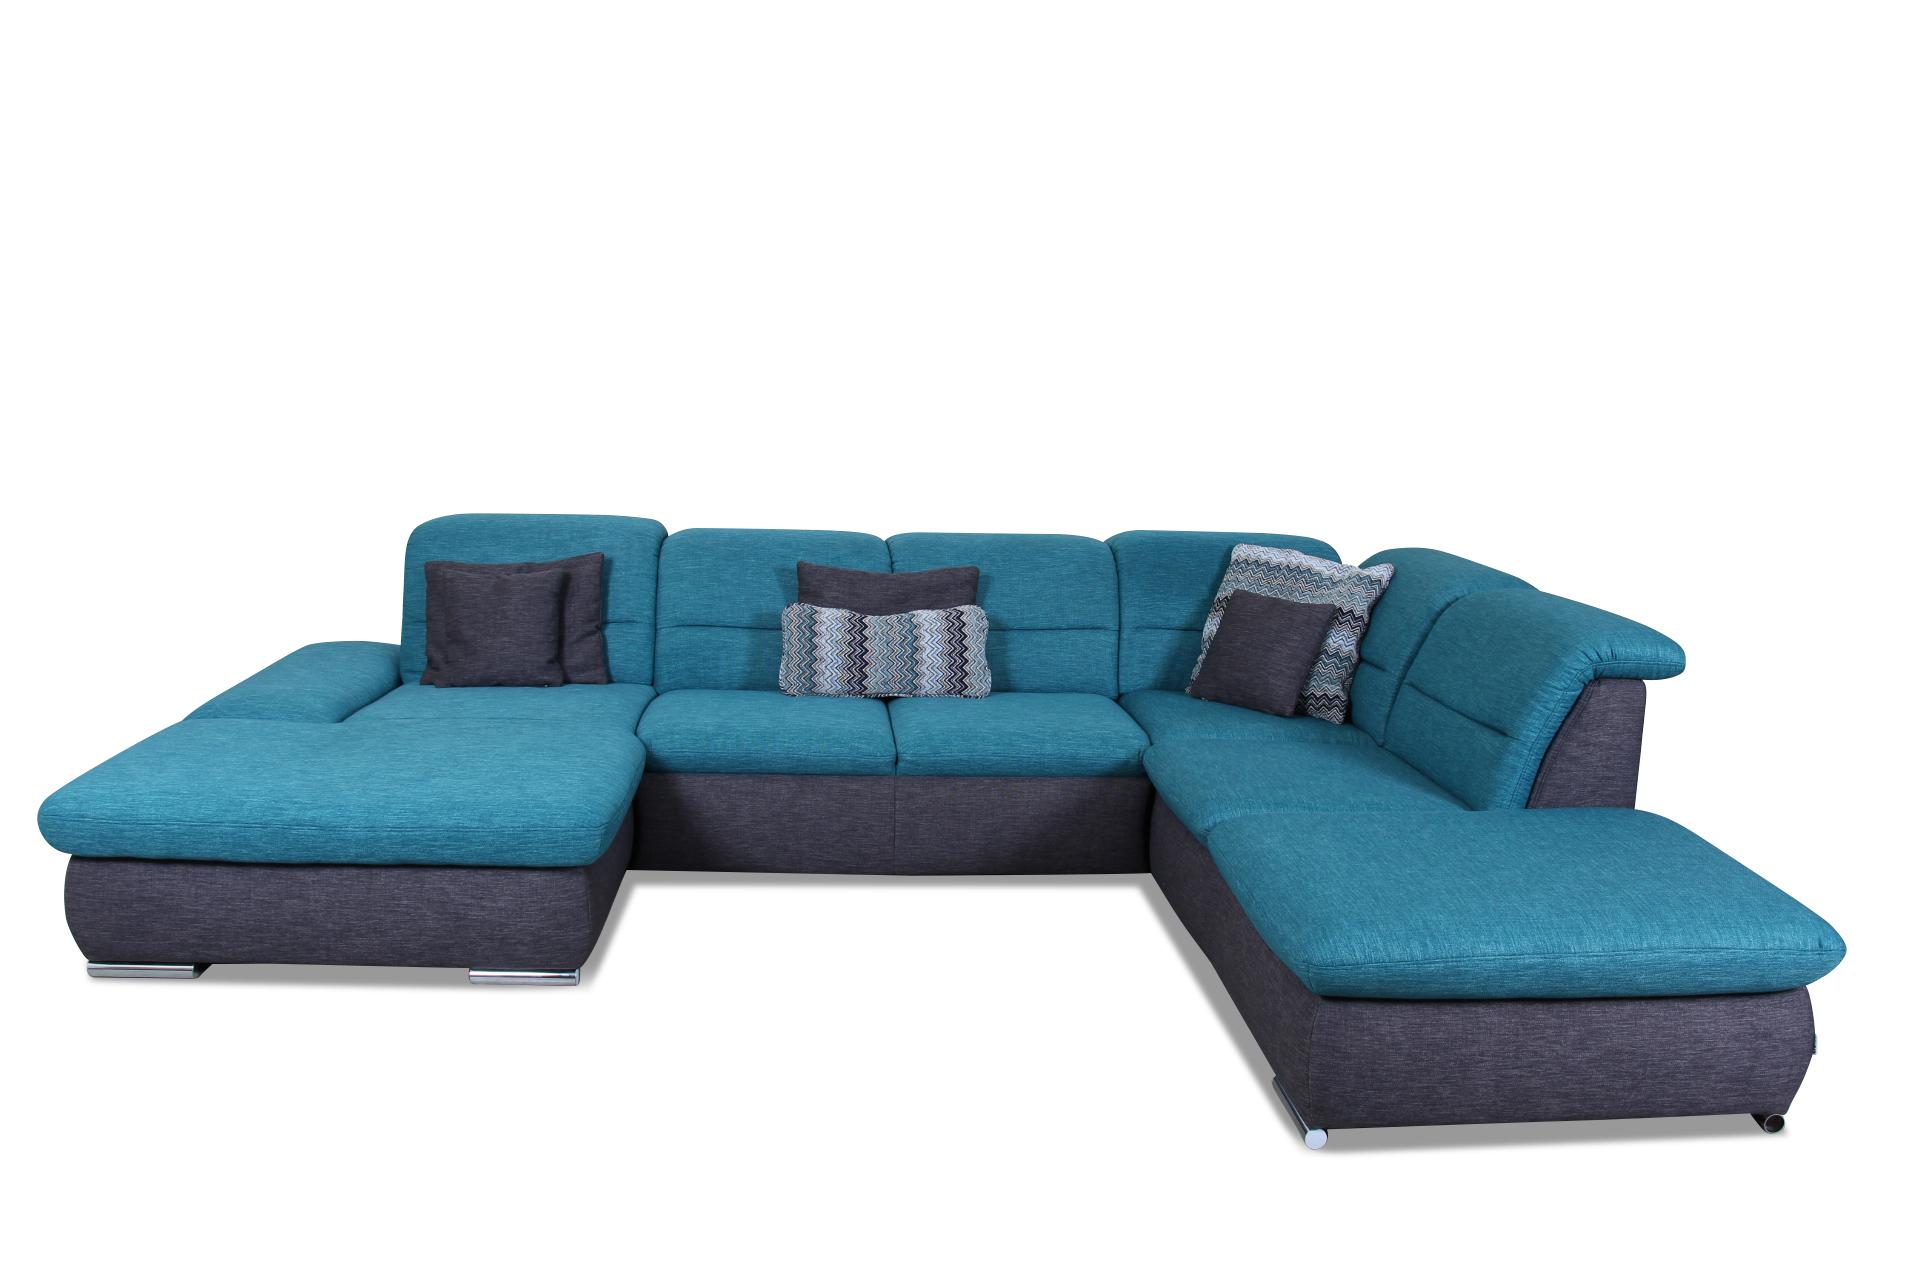 wohnlandschaft mit schlaffunktion blau mit federkern sofas zum halben preis. Black Bedroom Furniture Sets. Home Design Ideas